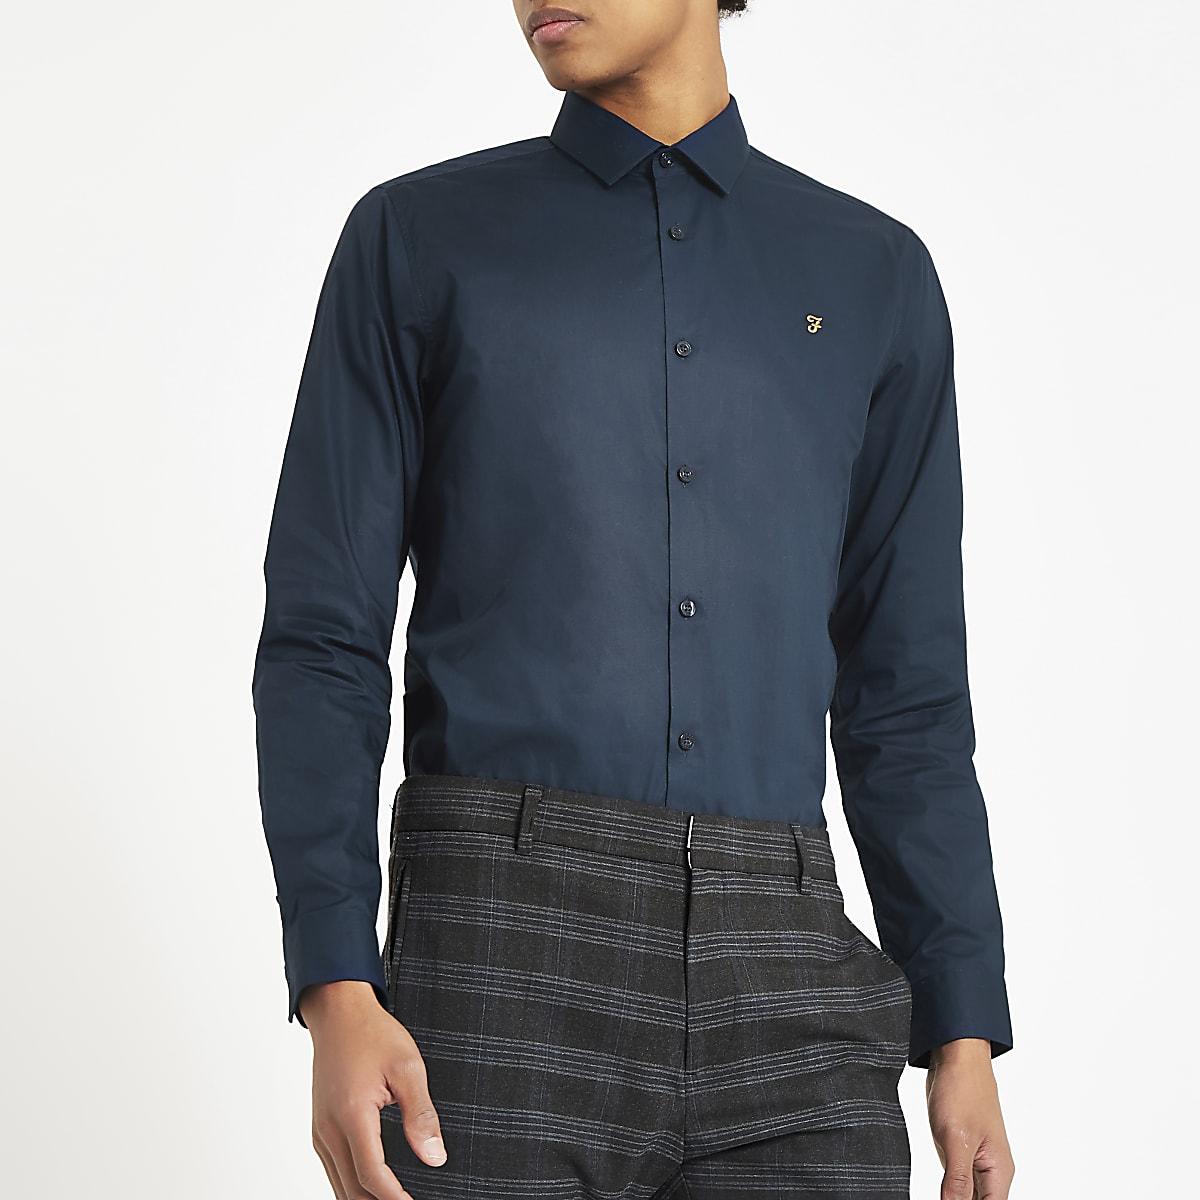 Farah – Marineblaues, langärmeliges Hemd